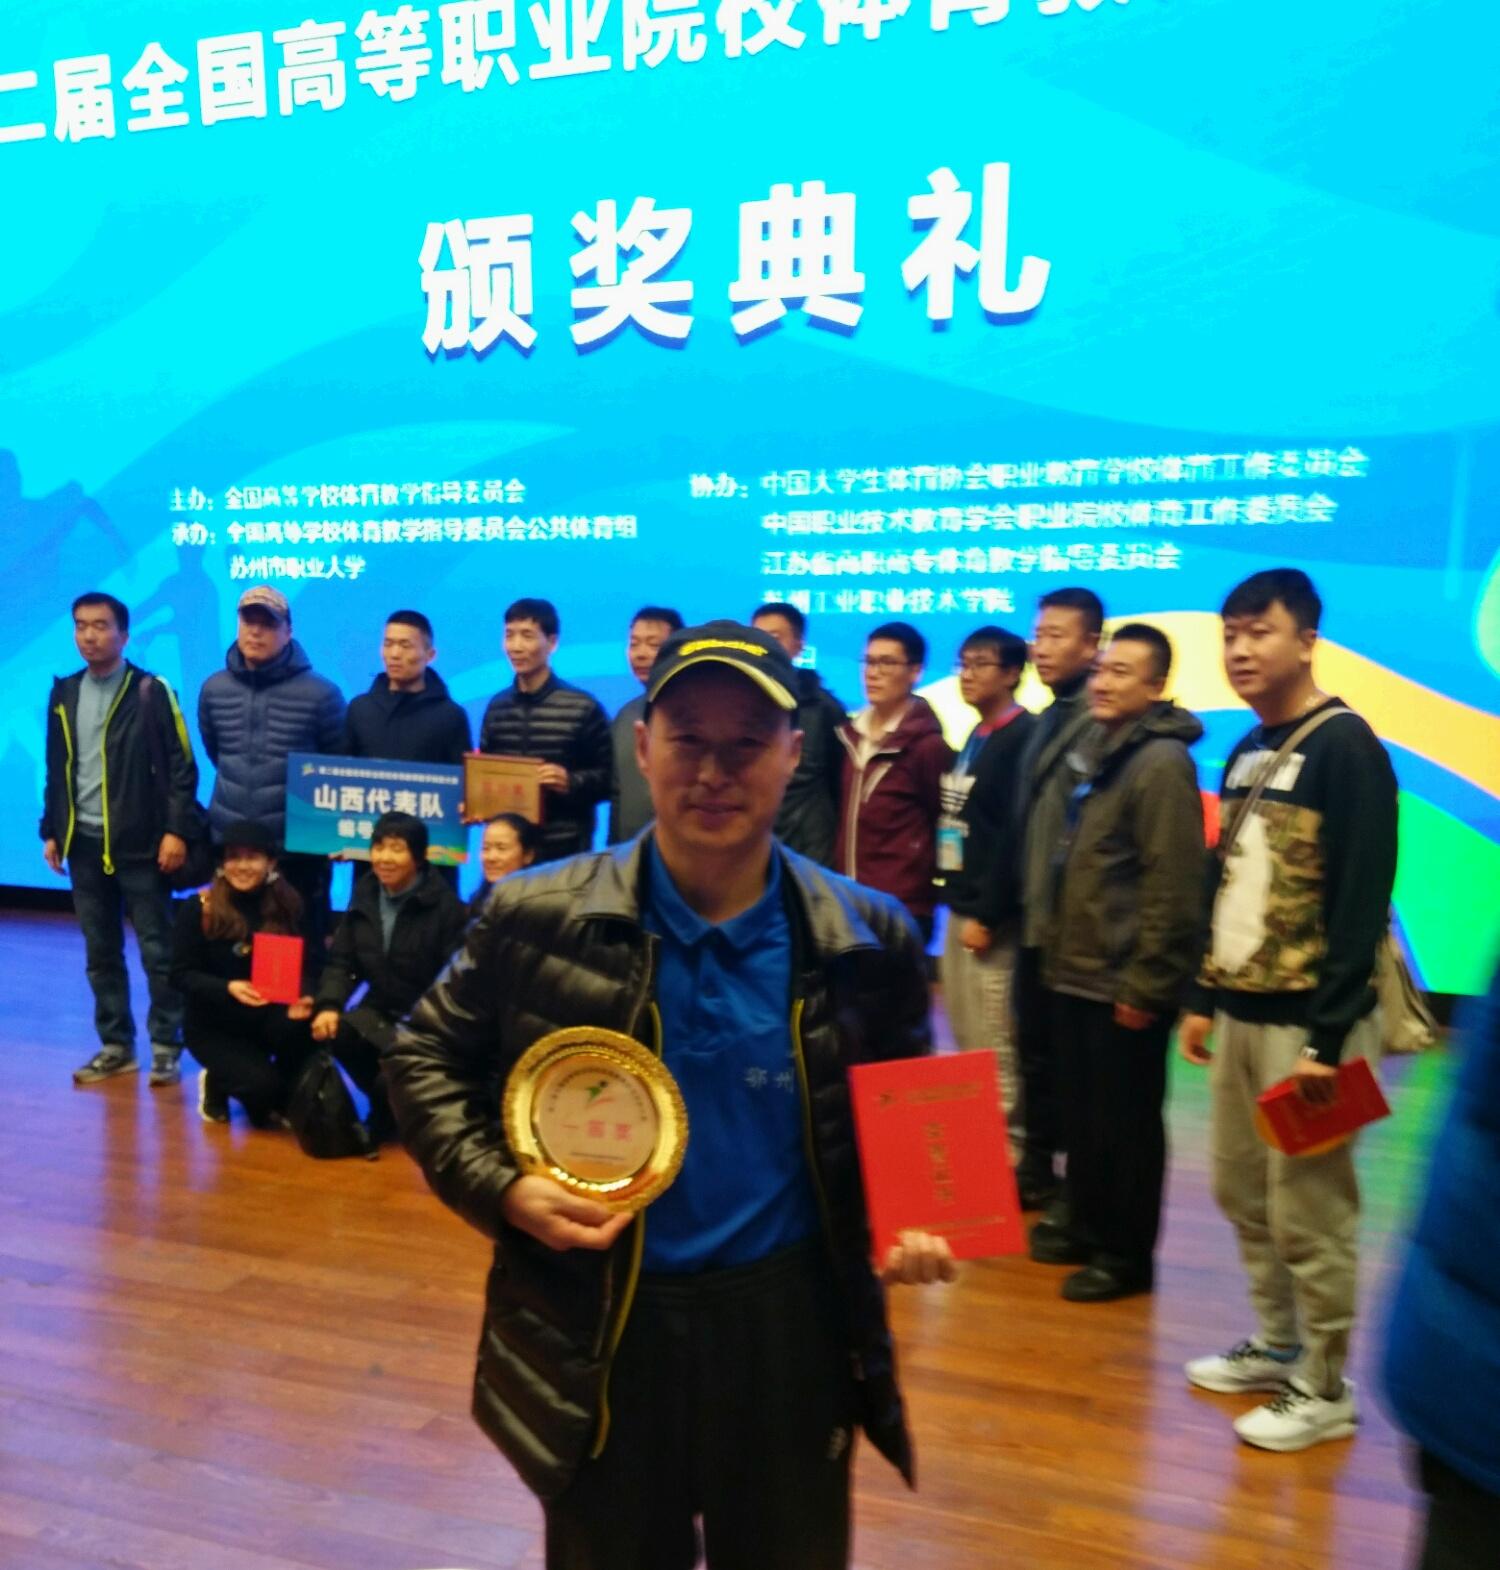 鄂州职业大学体育名师一人独揽两项国家一等奖 曾指导学生获50余枚金牌 获奖证书堆高近1米